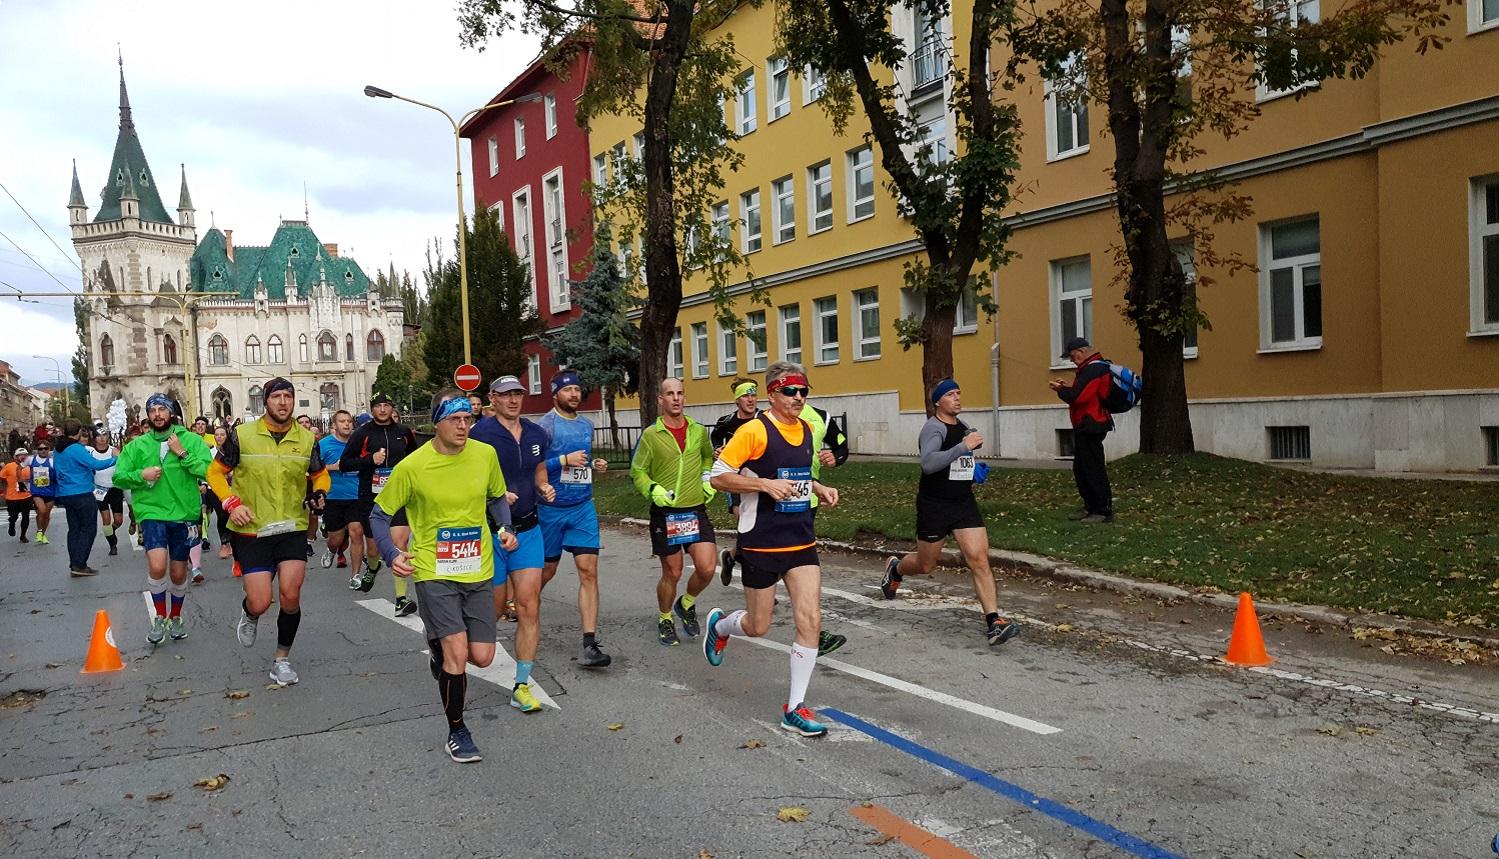 Una atmósfera única volvió a impregnar la Maratón Internacional de la Paz de Kosice de 2019